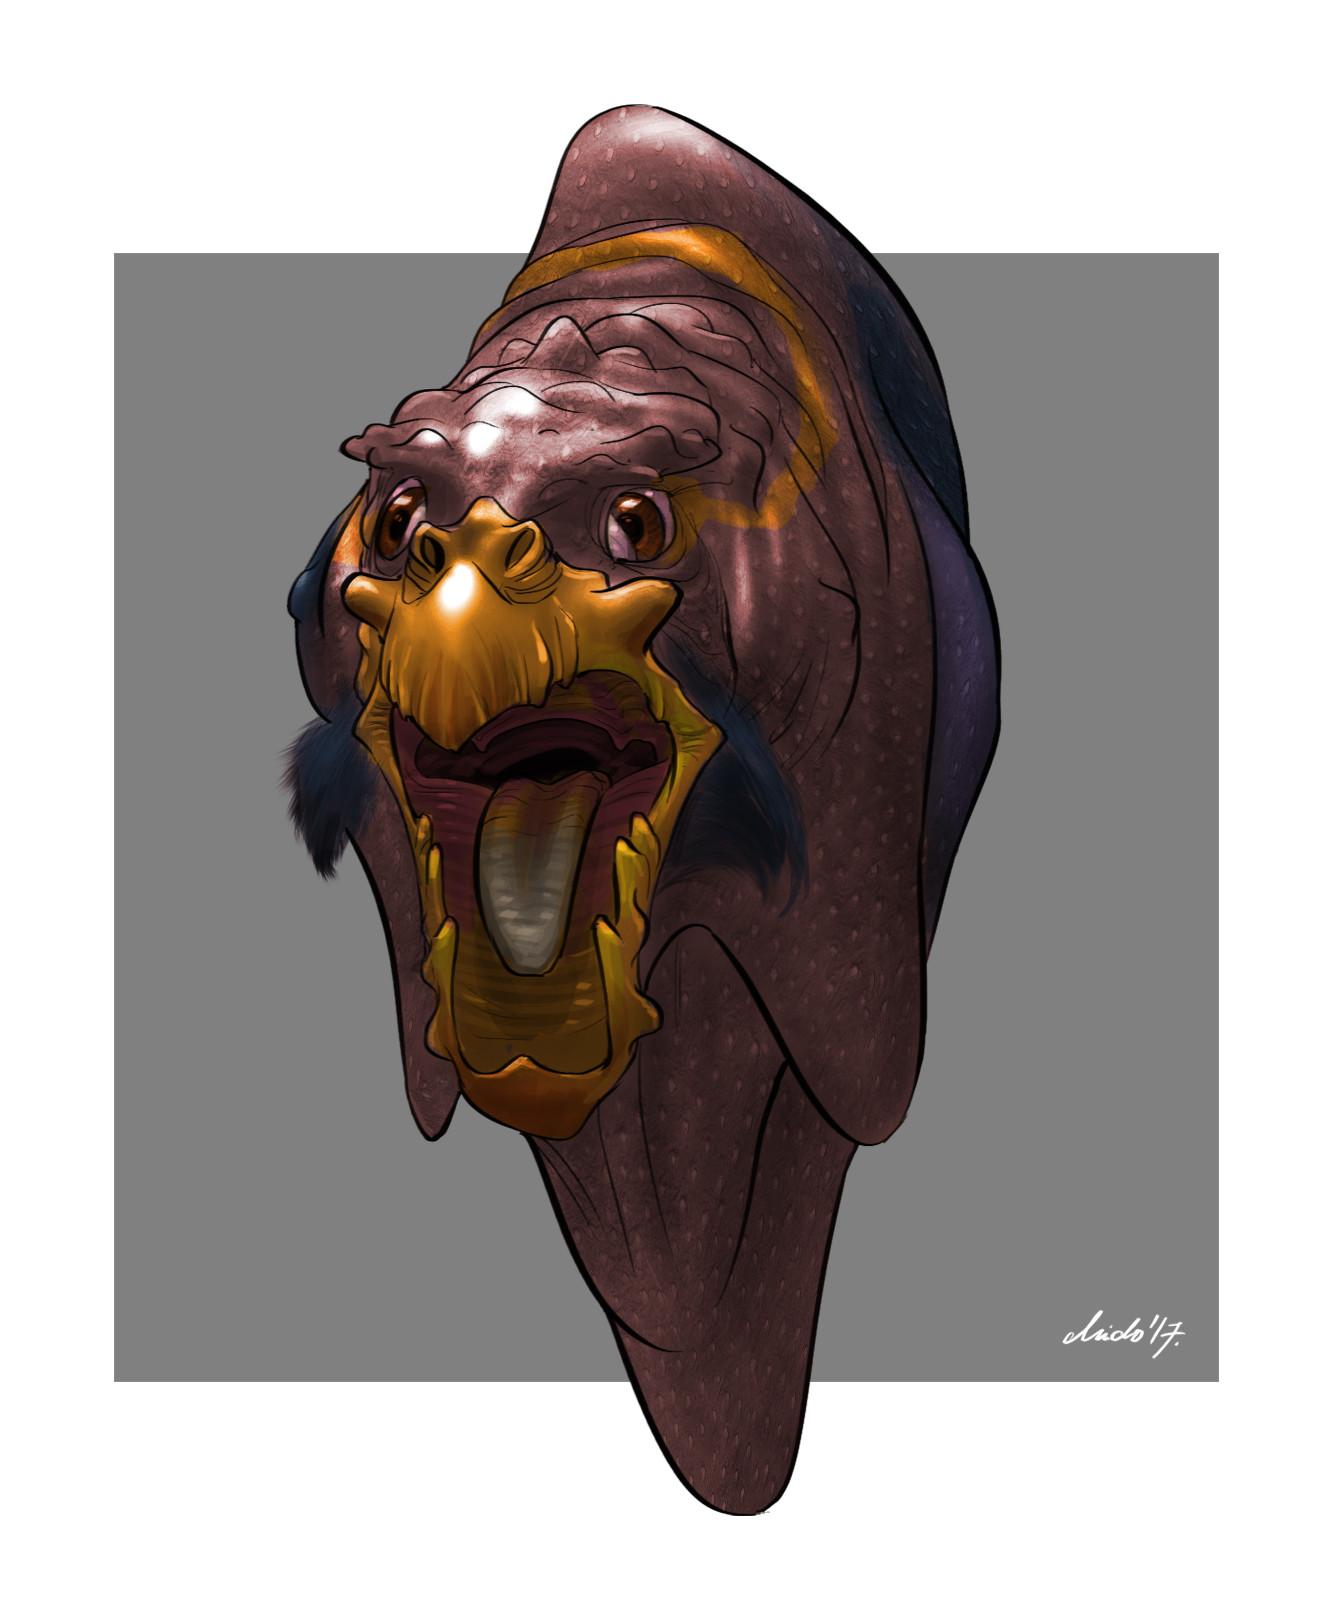 Midhat kapetanovic random creature mashup 027 wart bird hex